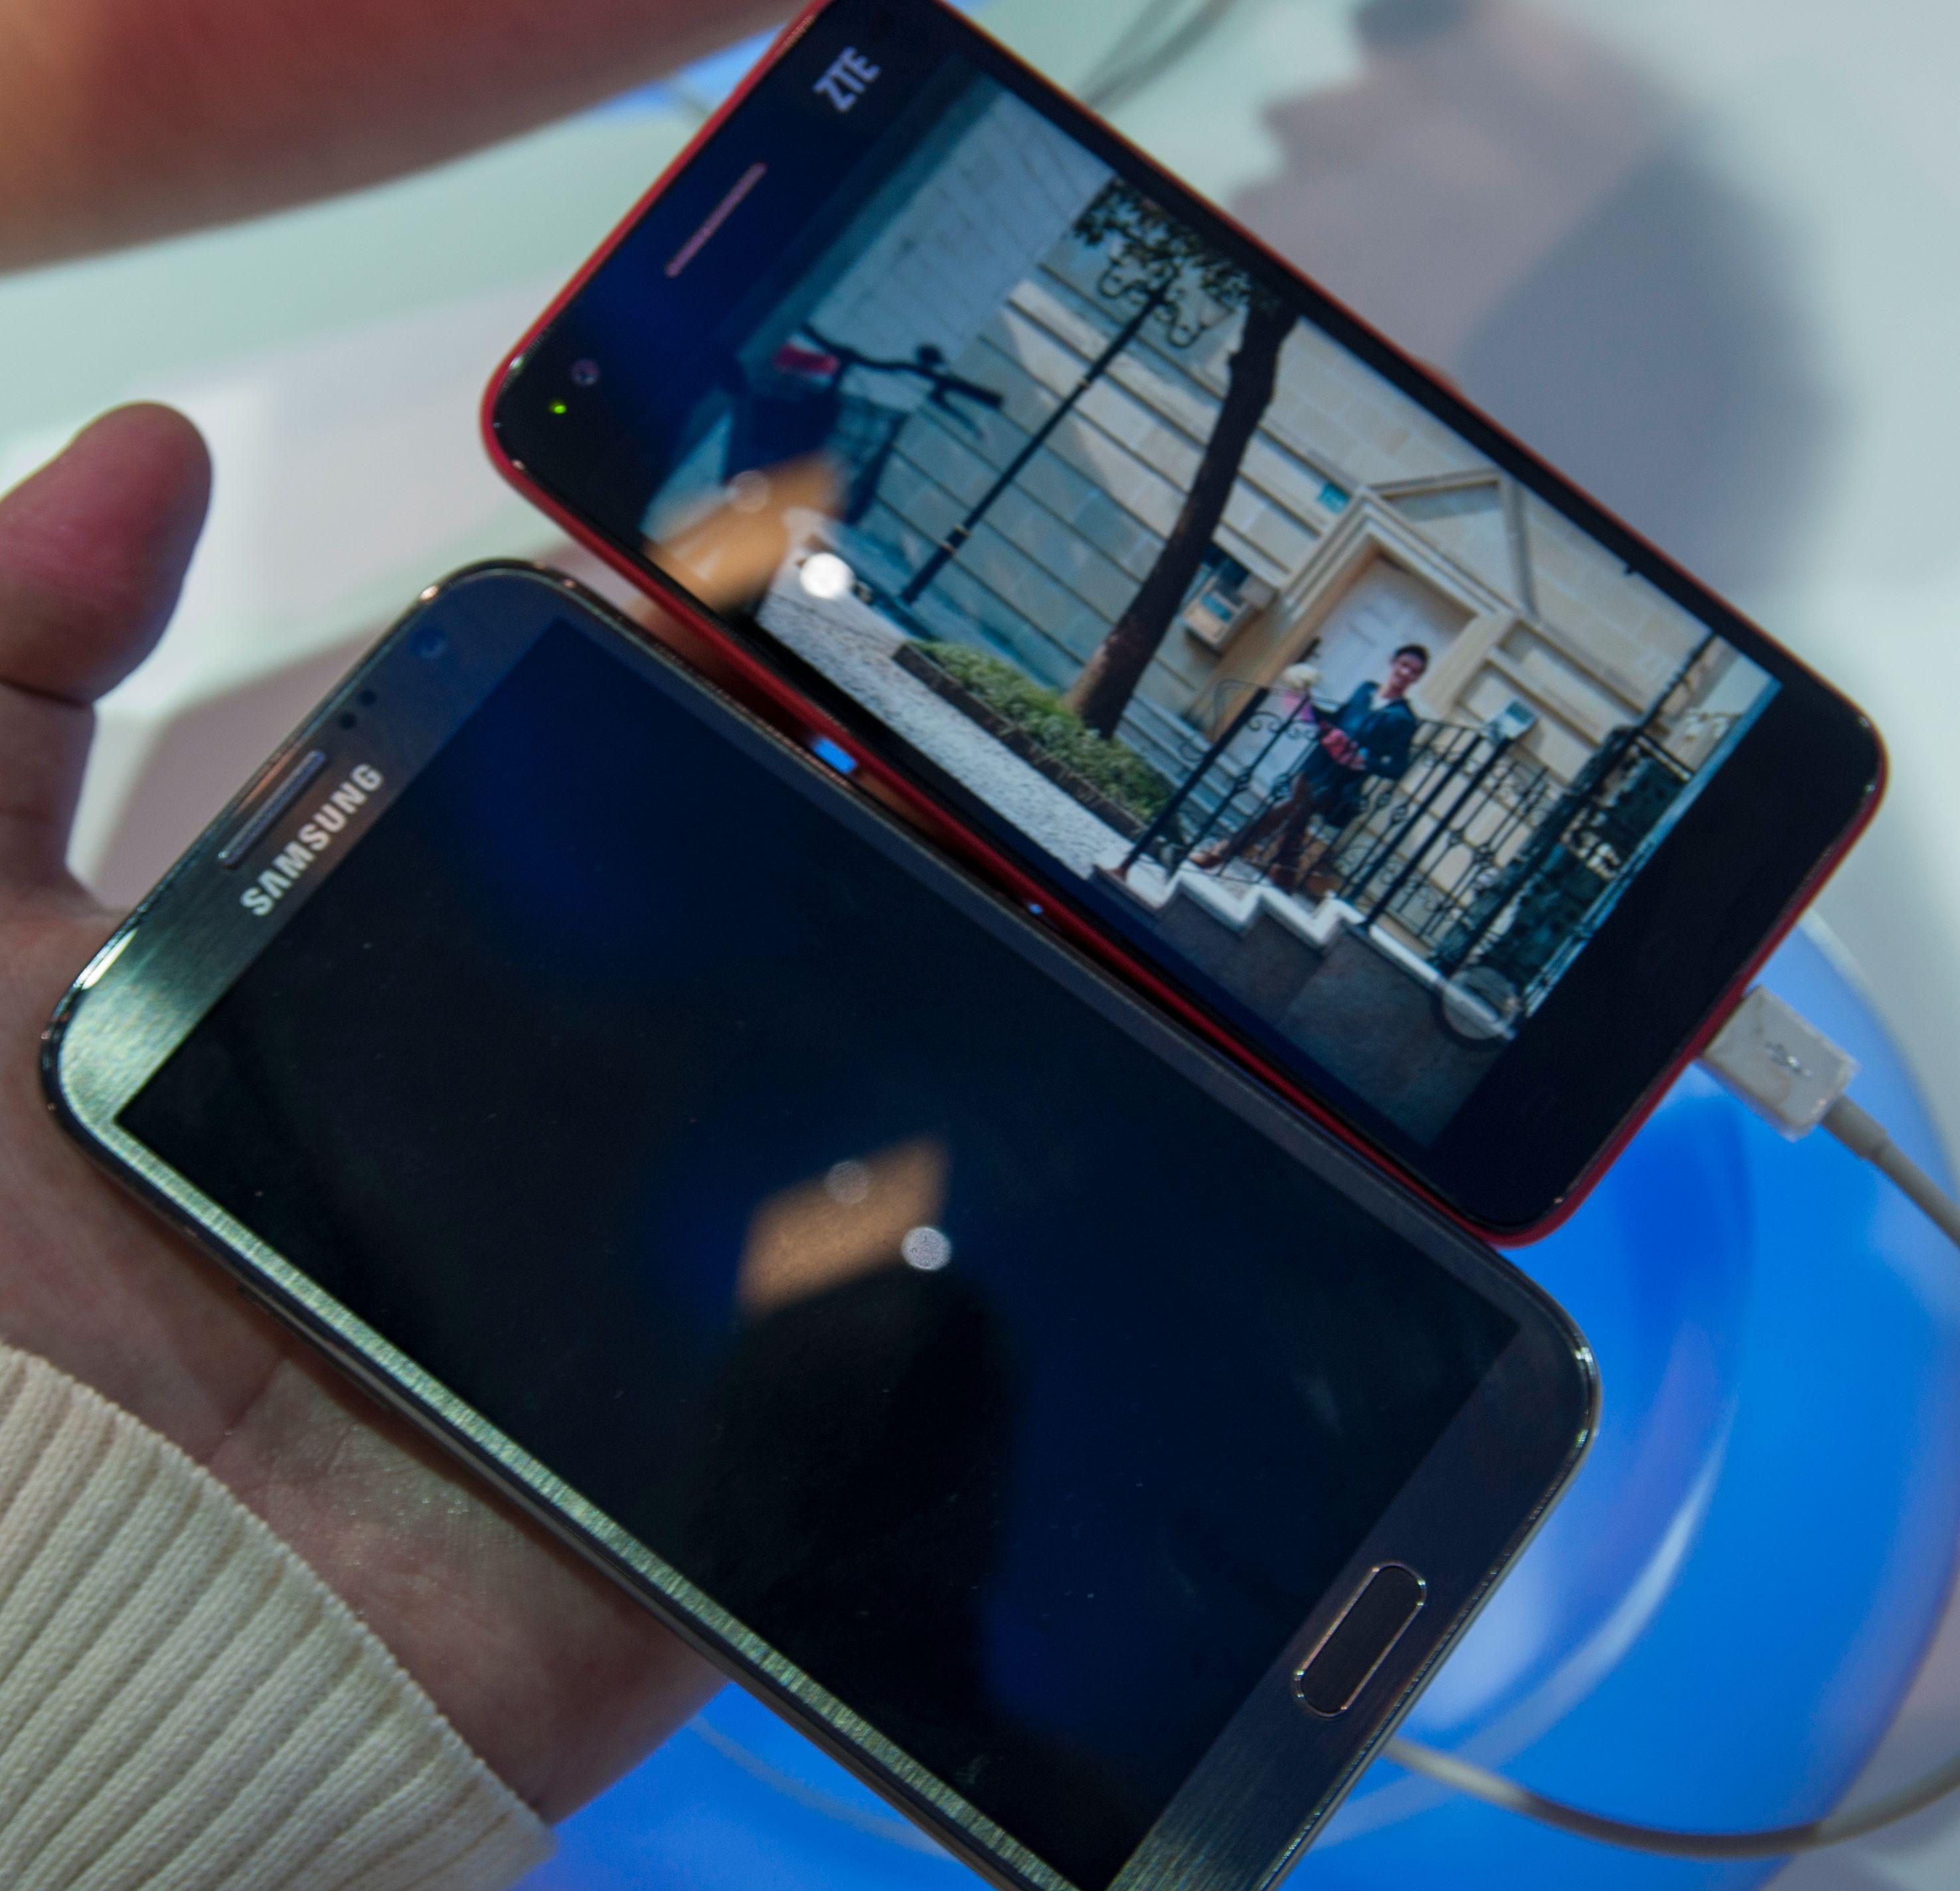 Ved siden av kjempen Galaxy Note II er Grand S relativt kompakt. Det er likevel en voksen mobiltelefon som du nok bør ha store hender for å trives med.Foto: Finn Jarle Kvalheim, Amobil.no